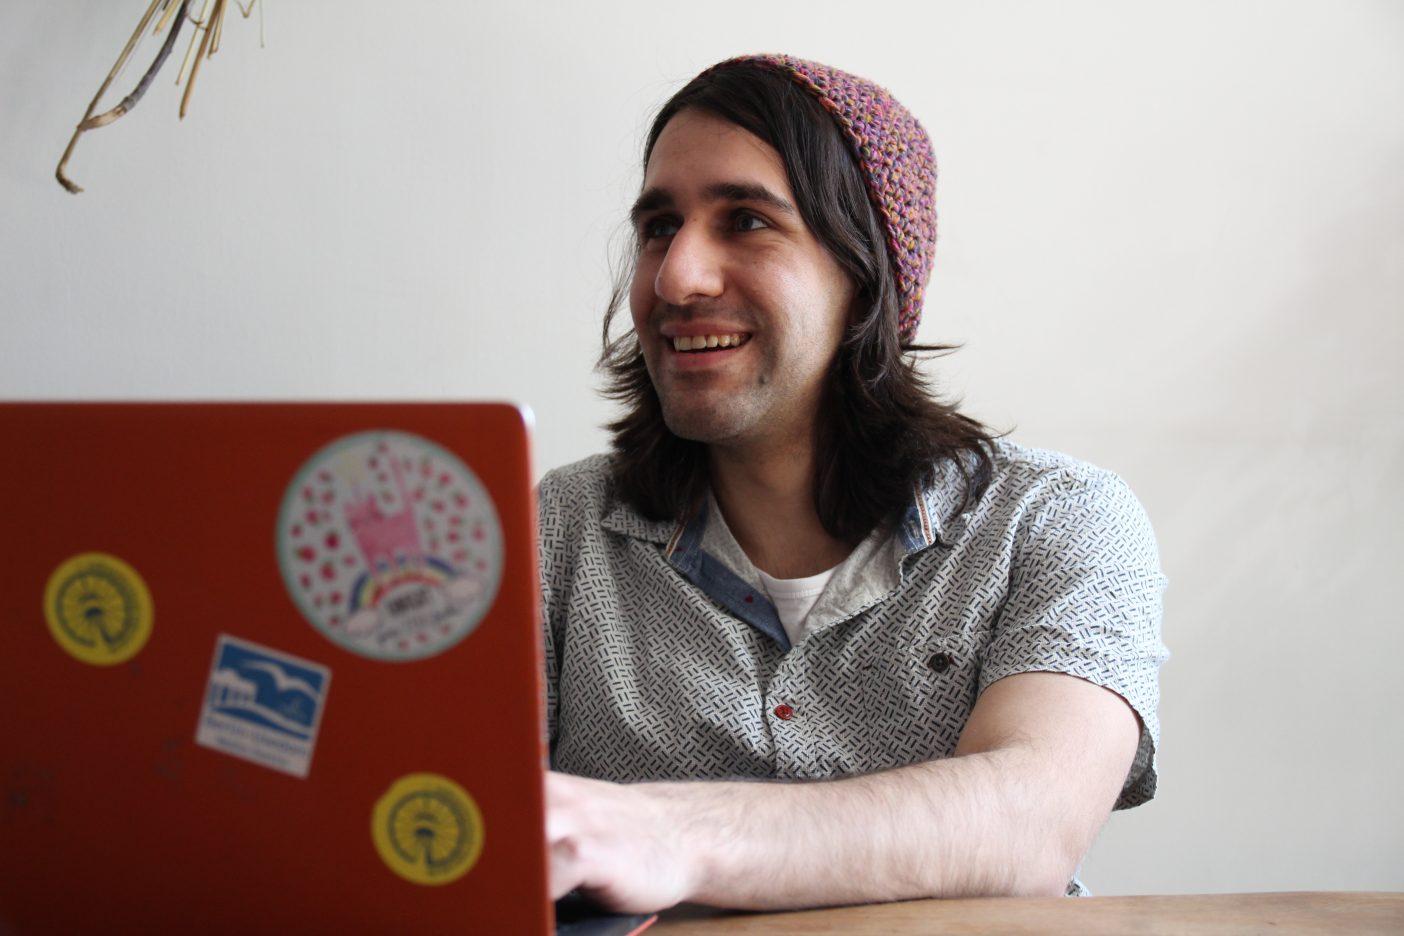 Softwareentwickler Ammon